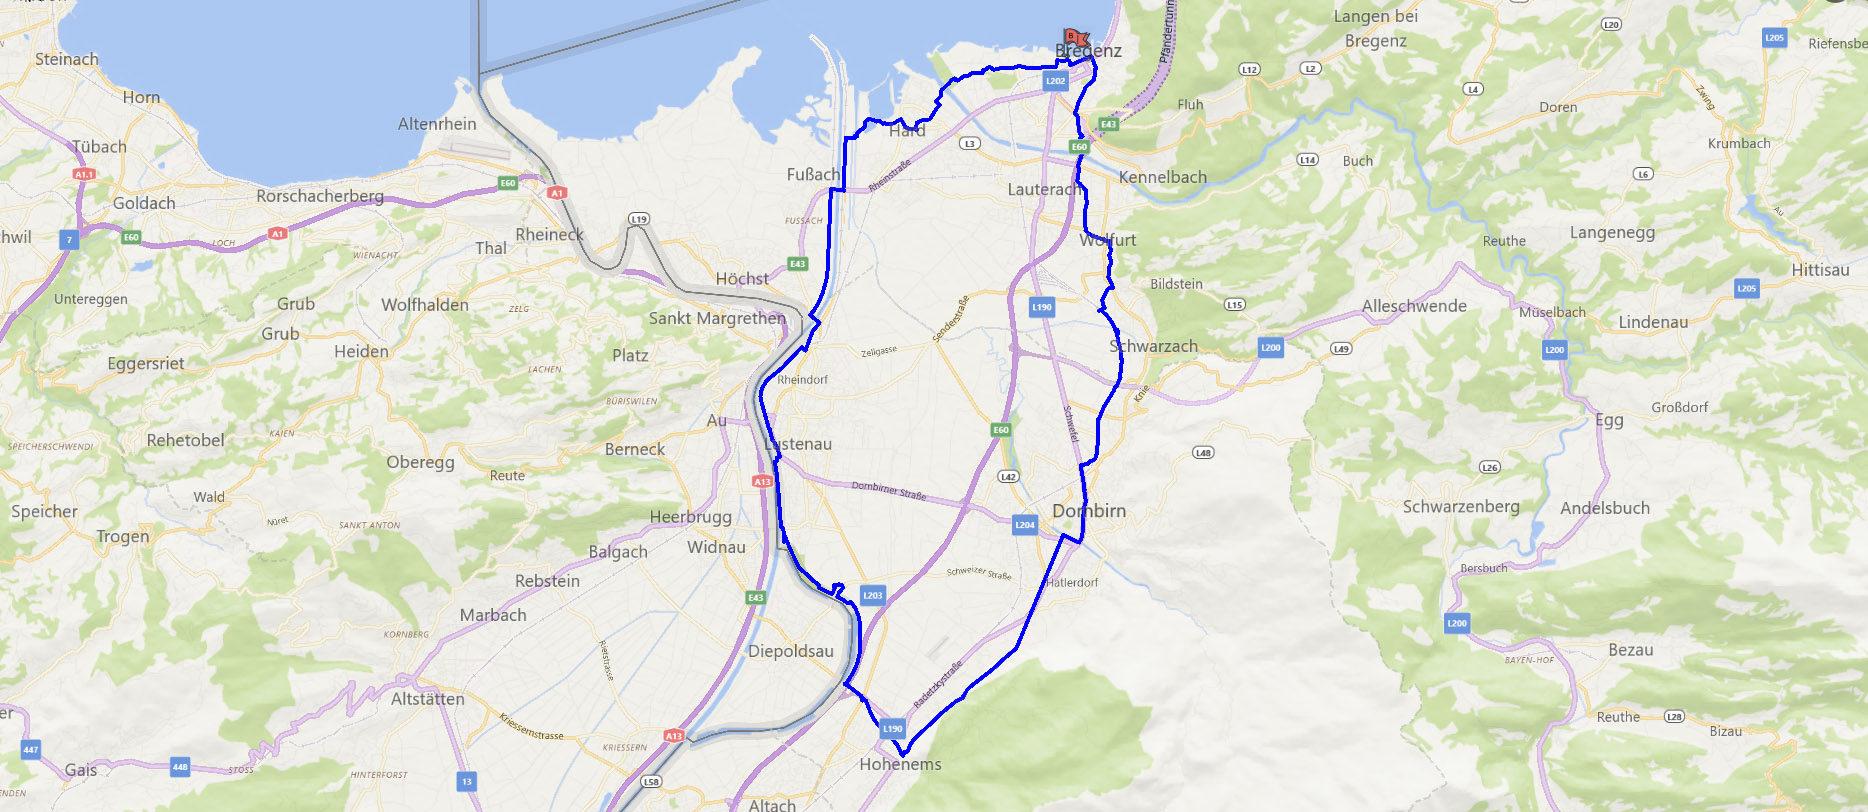 Streckenverlauf Rheintalrunde